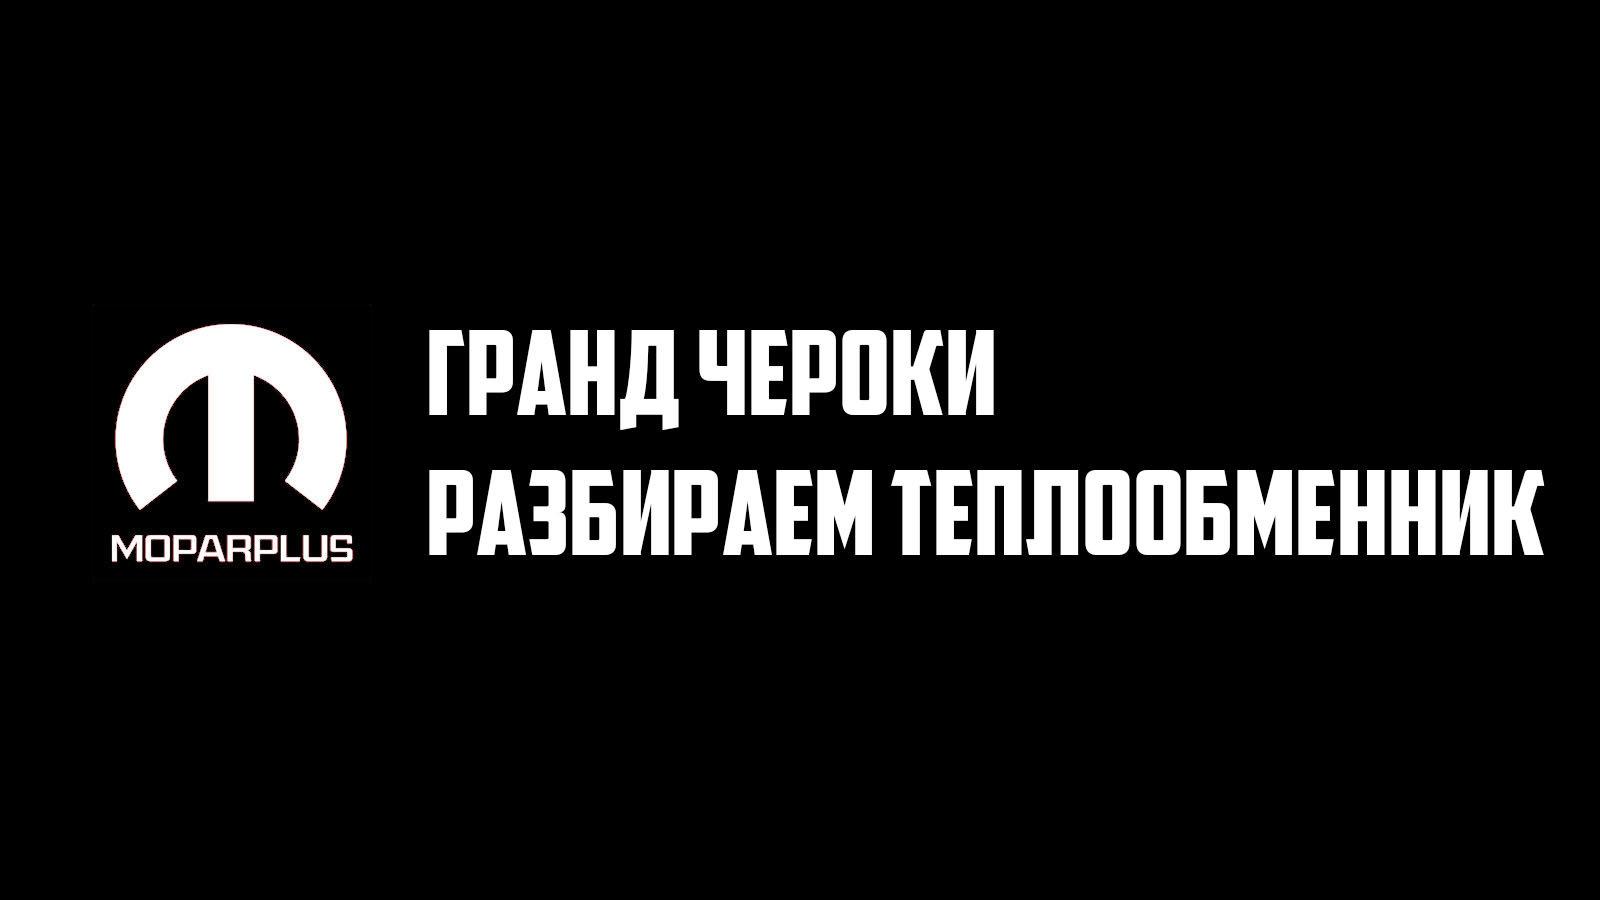 Теплообменнник Гранд Чероки 3.0 (дизель)